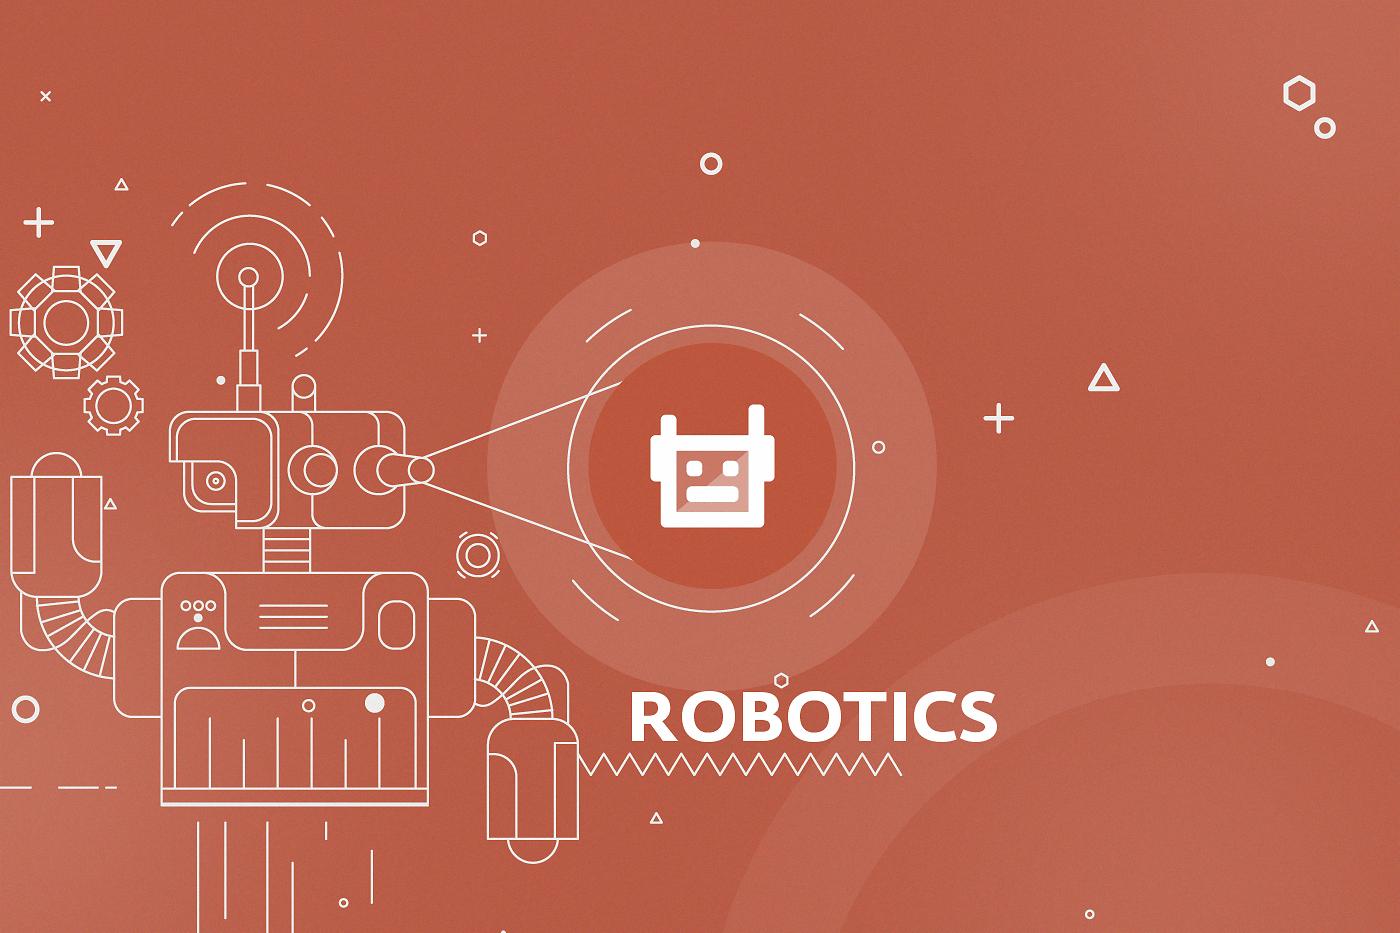 robotics eng - Robotics